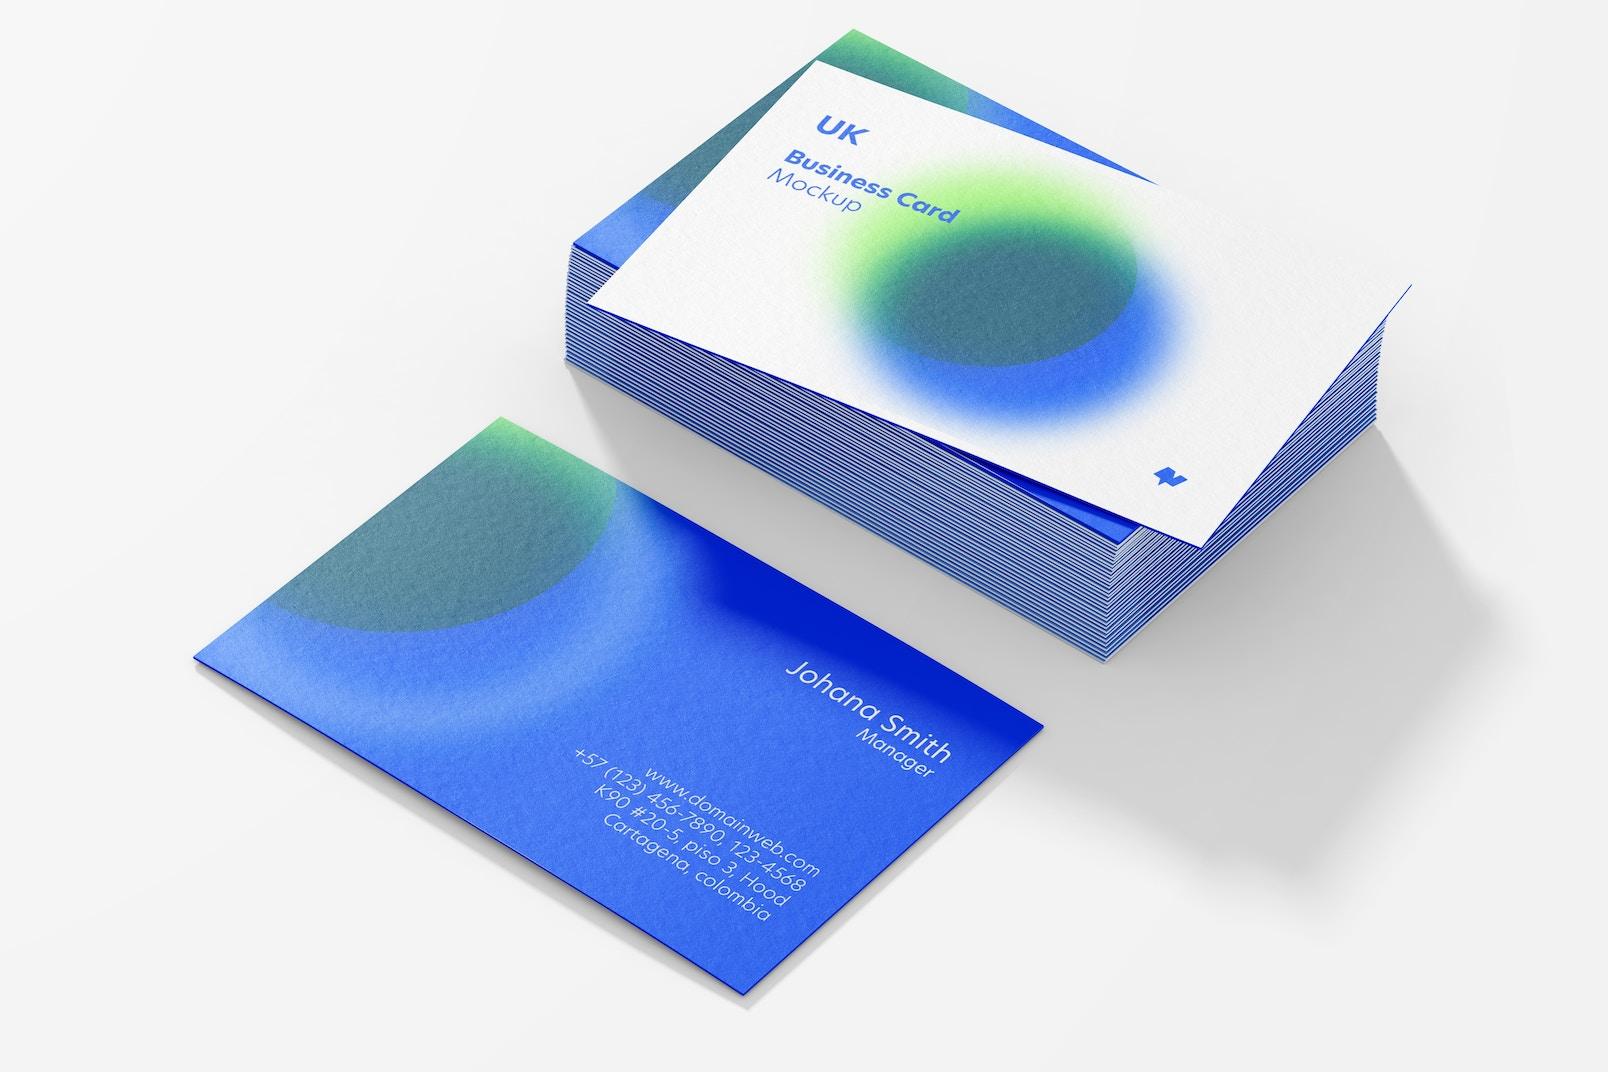 UK Landscape Business Cards Mockup, Stacked Set